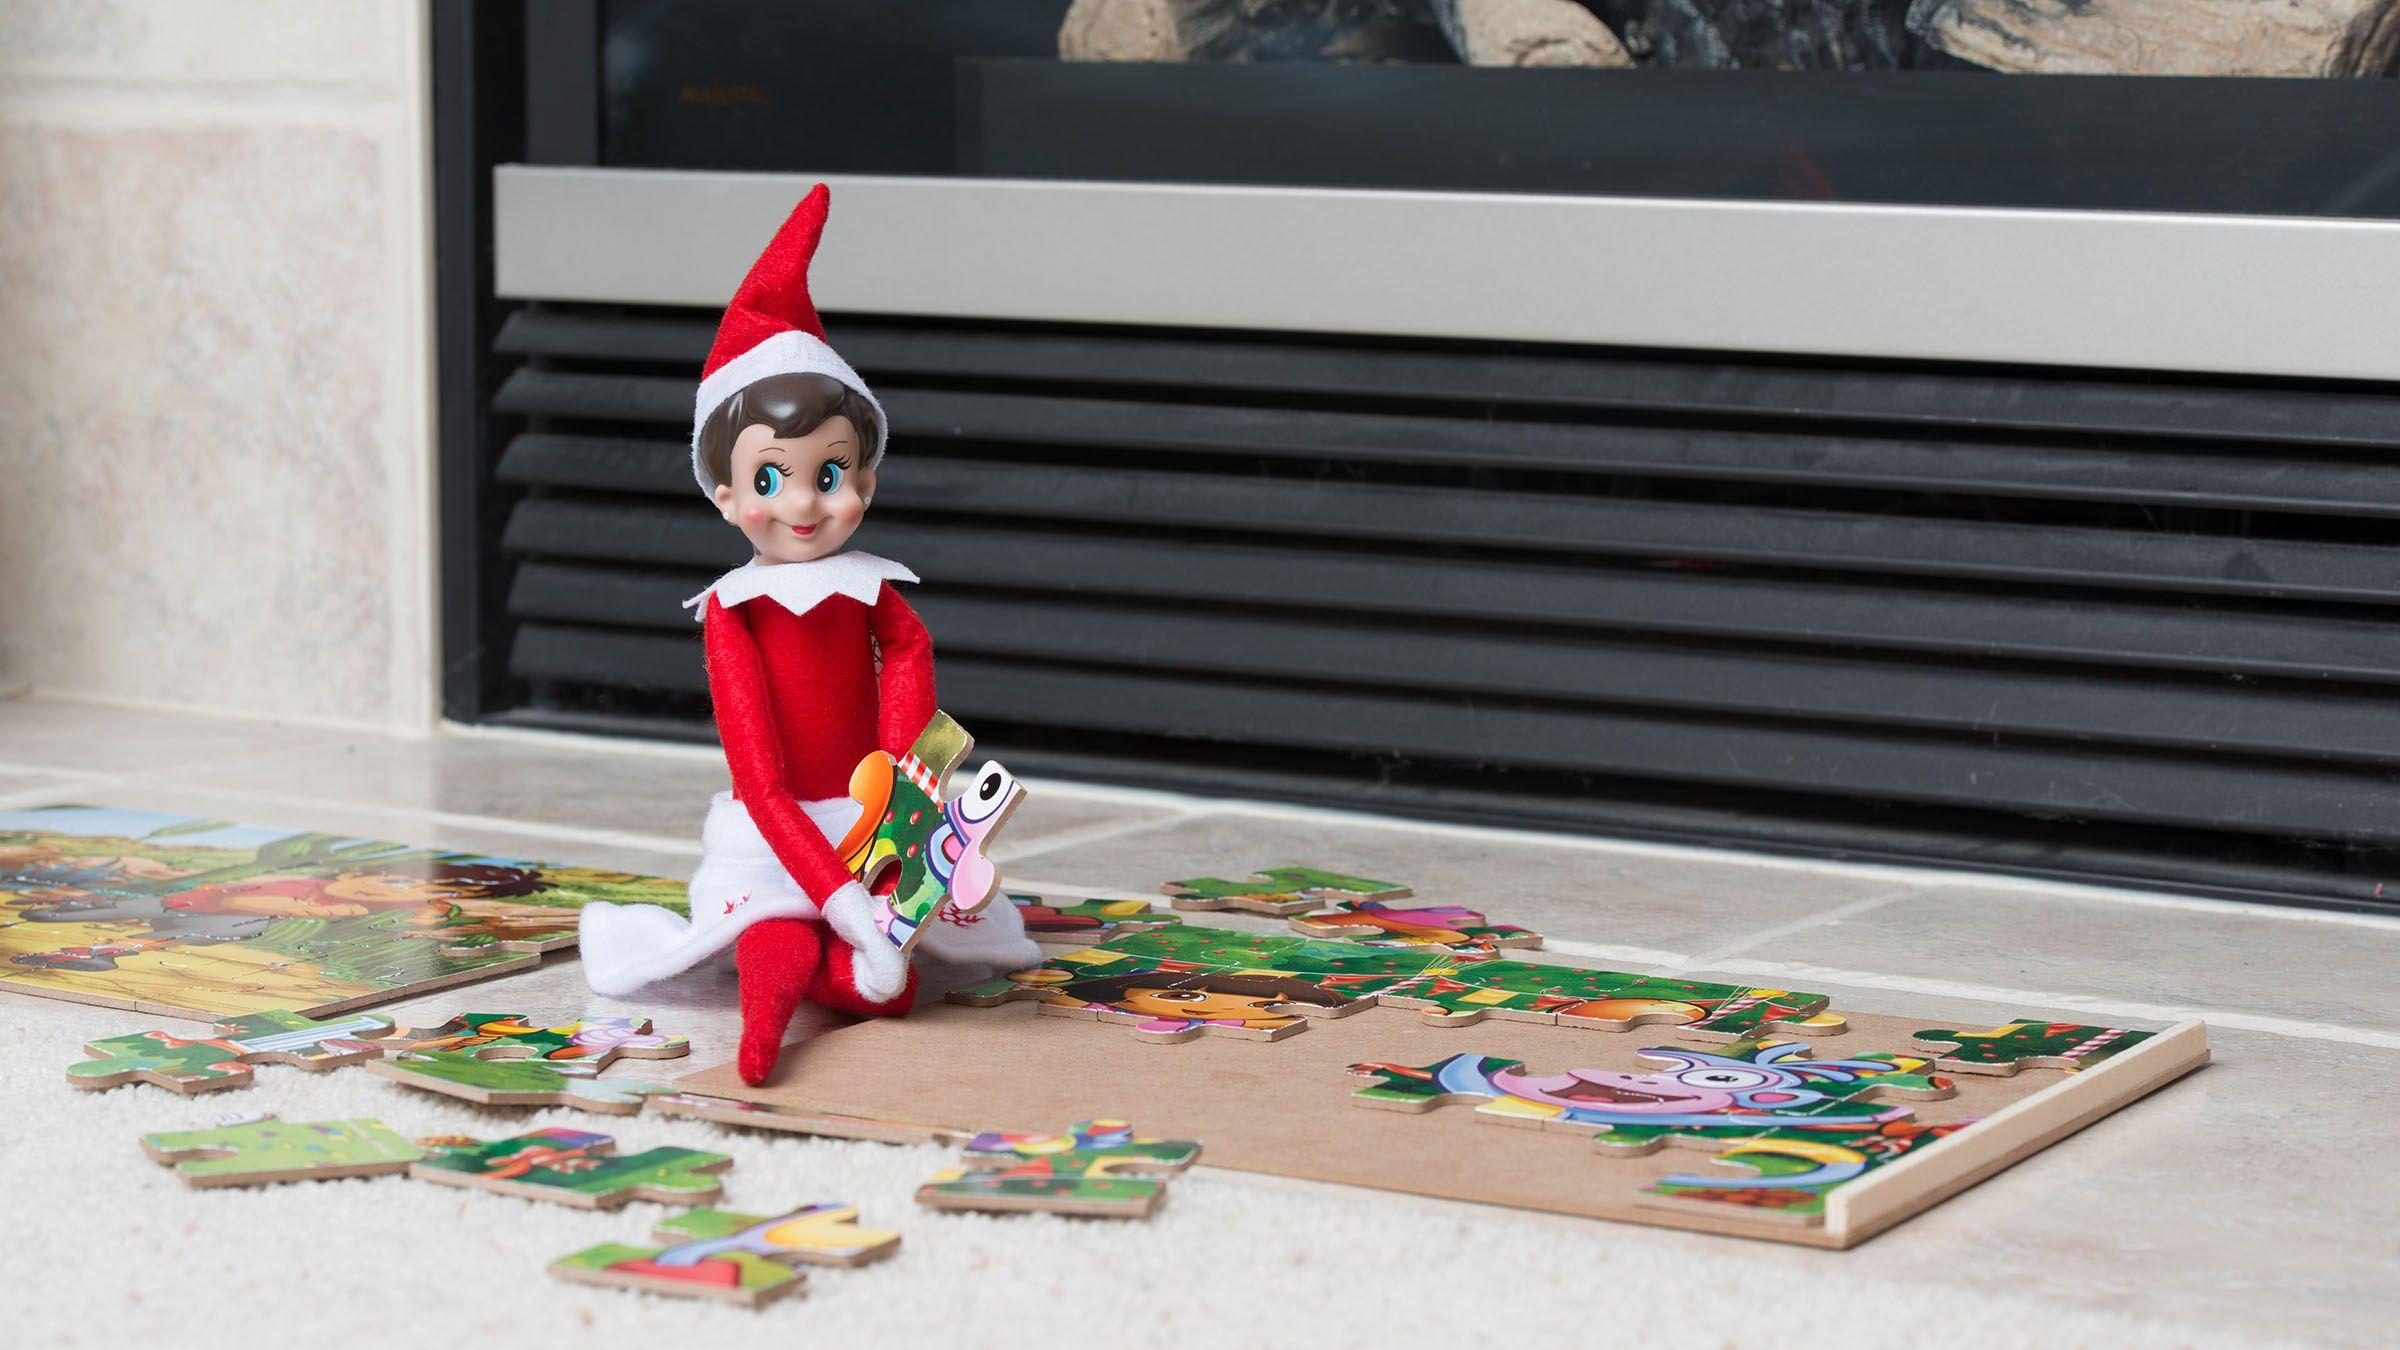 Las travesuras del Elfo en el Estante | Navidades del mundo ...